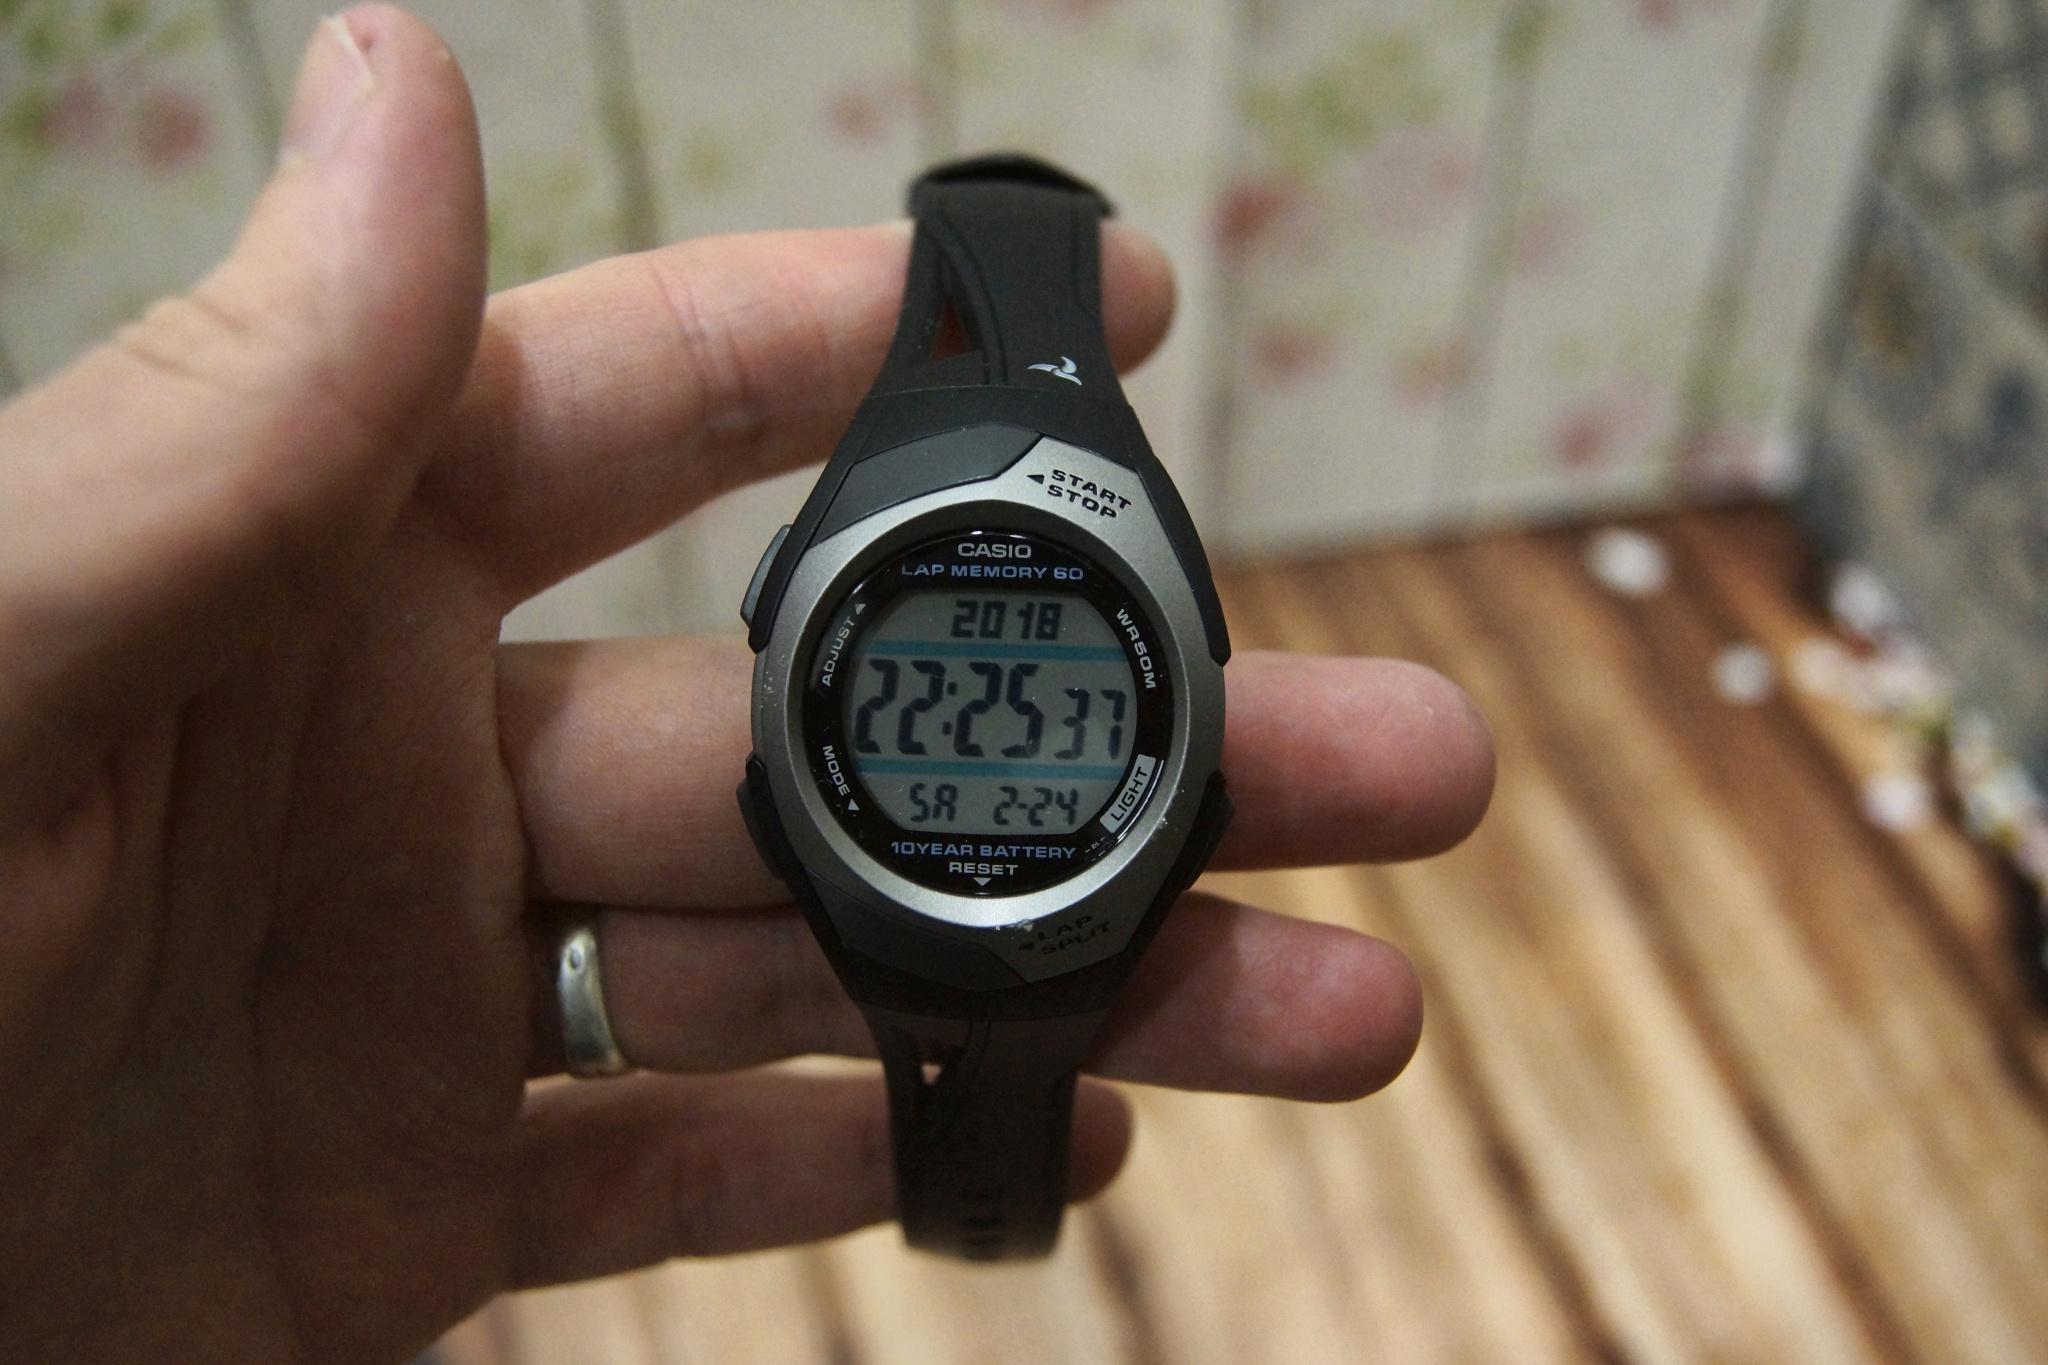 b38582da2f3a Обзор от покупателя на Наручные часы CASIO STR-300C-1 PRO TREK ...